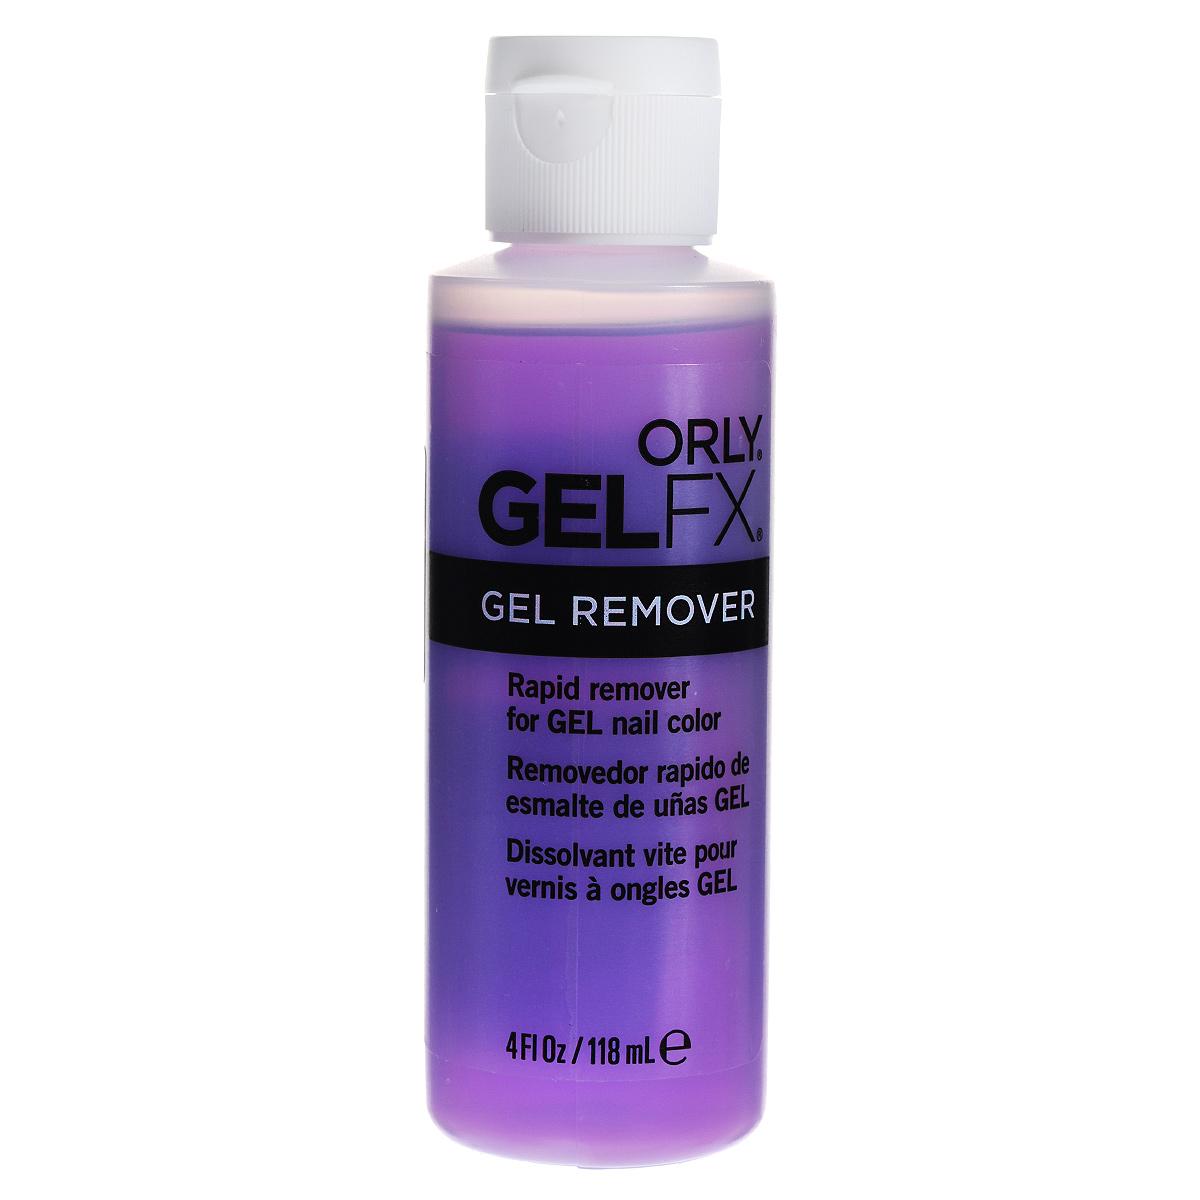 Orly Жидкость для удаления гель-лака Gel Fx Remover, 118 мл1301210Жидкость для снятия гель-маникюра Gel FX Remover легко и быстро удаляет гелевое покрытие.Способ применения: Процедура удаления покрытия гель-маникюра Gel FX абсолютно проста и безболезненна.Четыре простых шага – и вы можете снова наносить любой понравившийся оттенок гель-маникюра Gel FX.1. Пилочкой c абразивностью 180 ед. полностью удалите верхний слой гель-лака.2. Хорошо пропитайте спонж жидкостью для удаления гель-маникюра Gel FX Remover. Оберните пальцы спонжем и фольгой. 3. Выдержите ногти в течение 10 минут, проверьте, как размягчился гель-маникюр.4. Удалите фольгу со спонжем с пальцев и мягко снимите гель-маникюр с ногтей пушером ORLY Pusher & Remover. Товар сертифицирован.